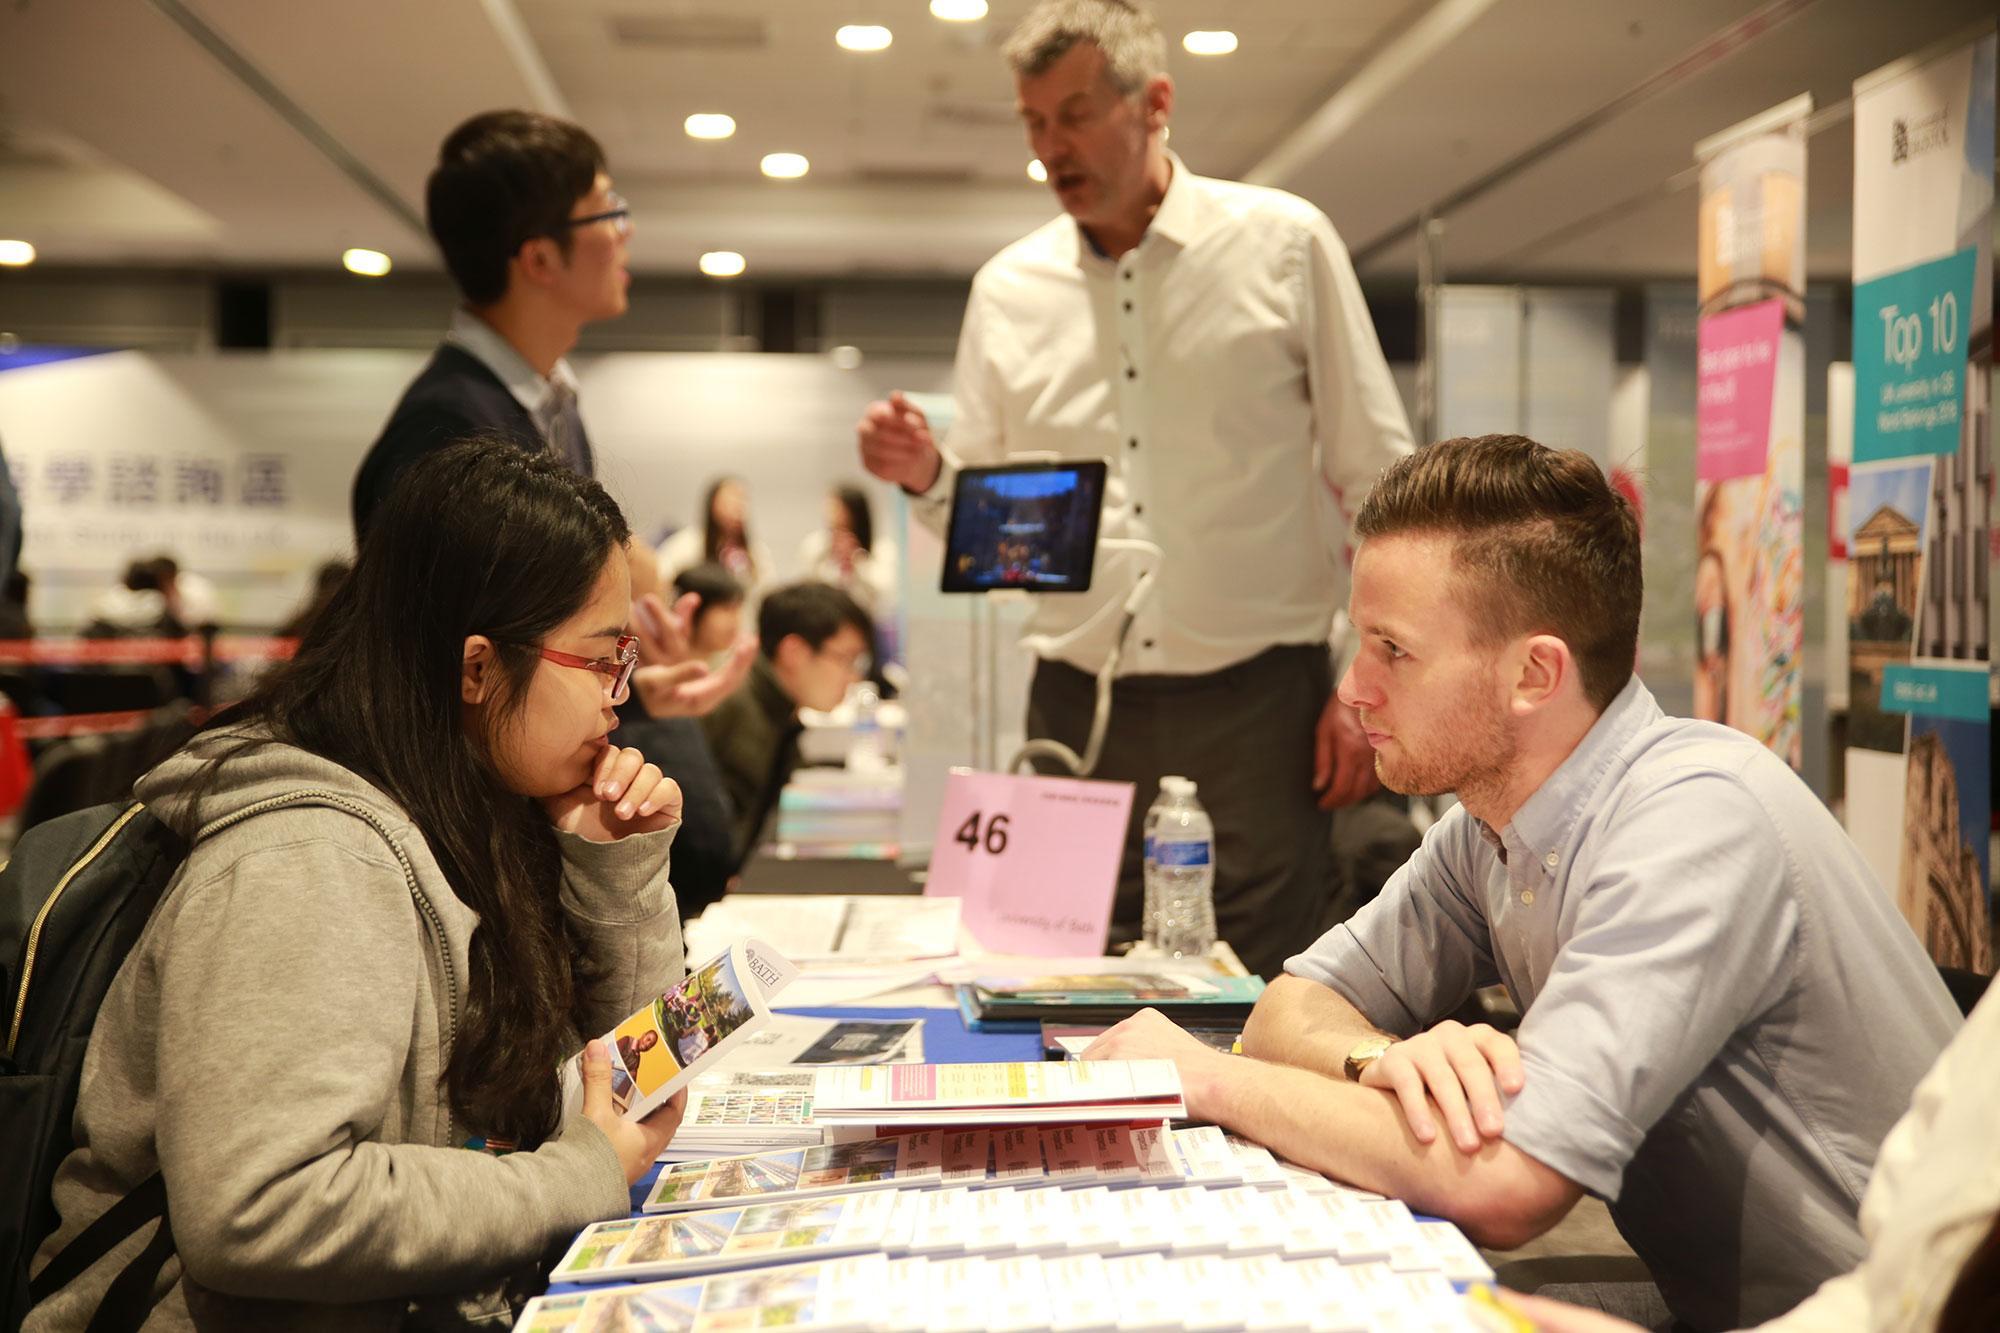 英國名校齊聚台灣,Study World英國留學展雙十連假盛大登場!